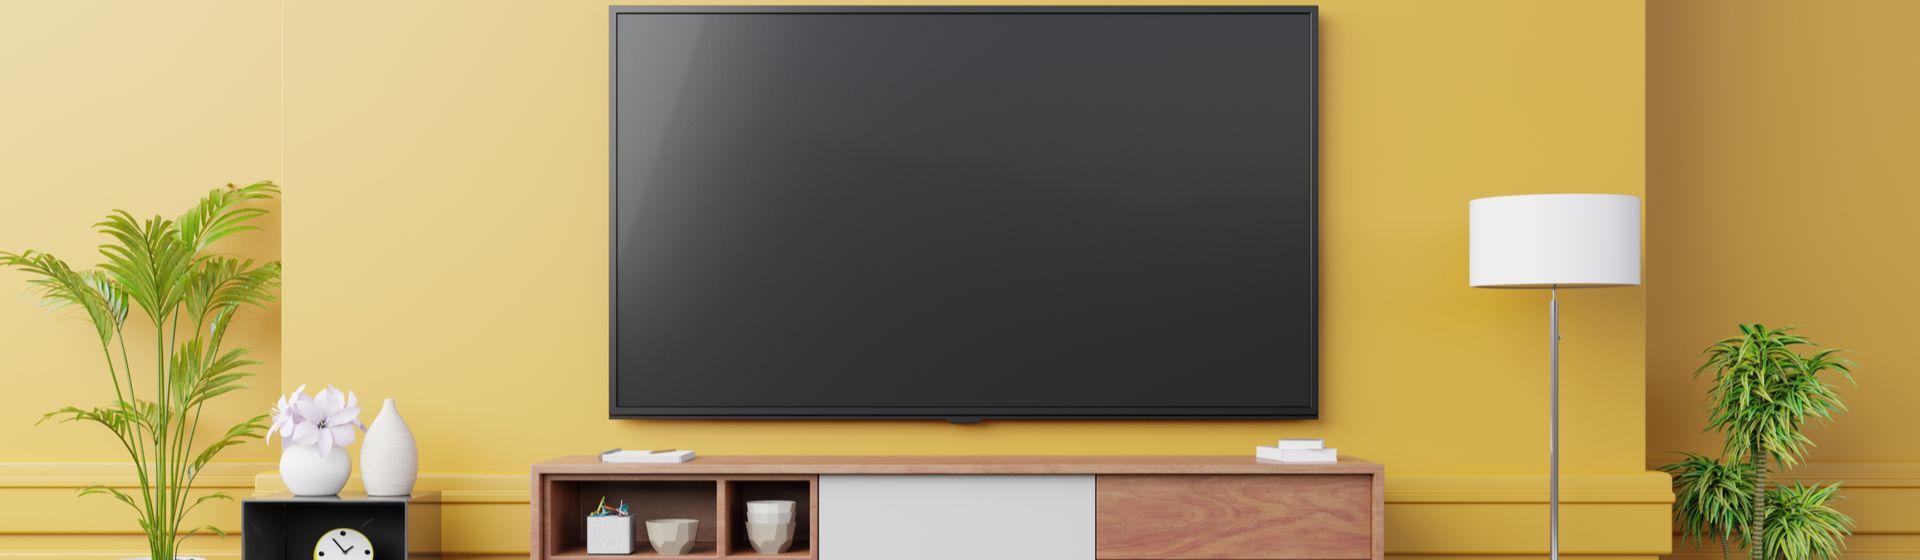 TV Samsung 4K: 7 opções de modelos de alta qualidade de imagem